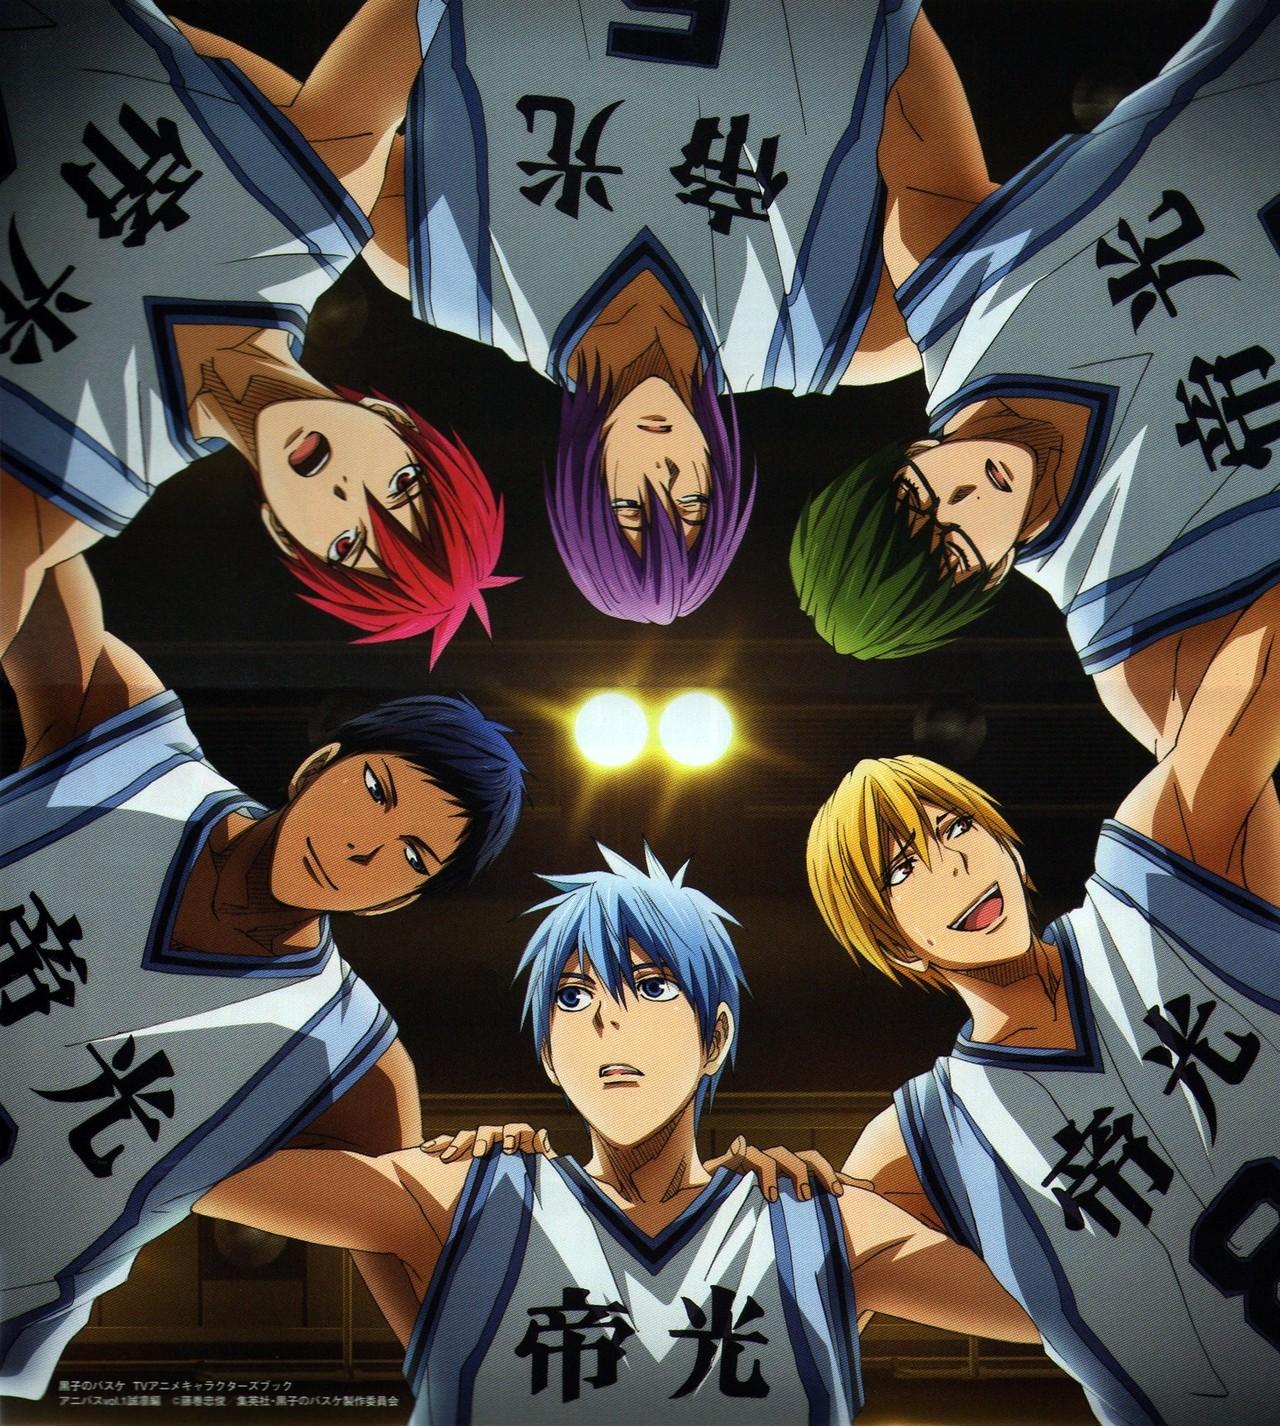 La segunda temporada de 'kuroko no basket' llega en octubre de